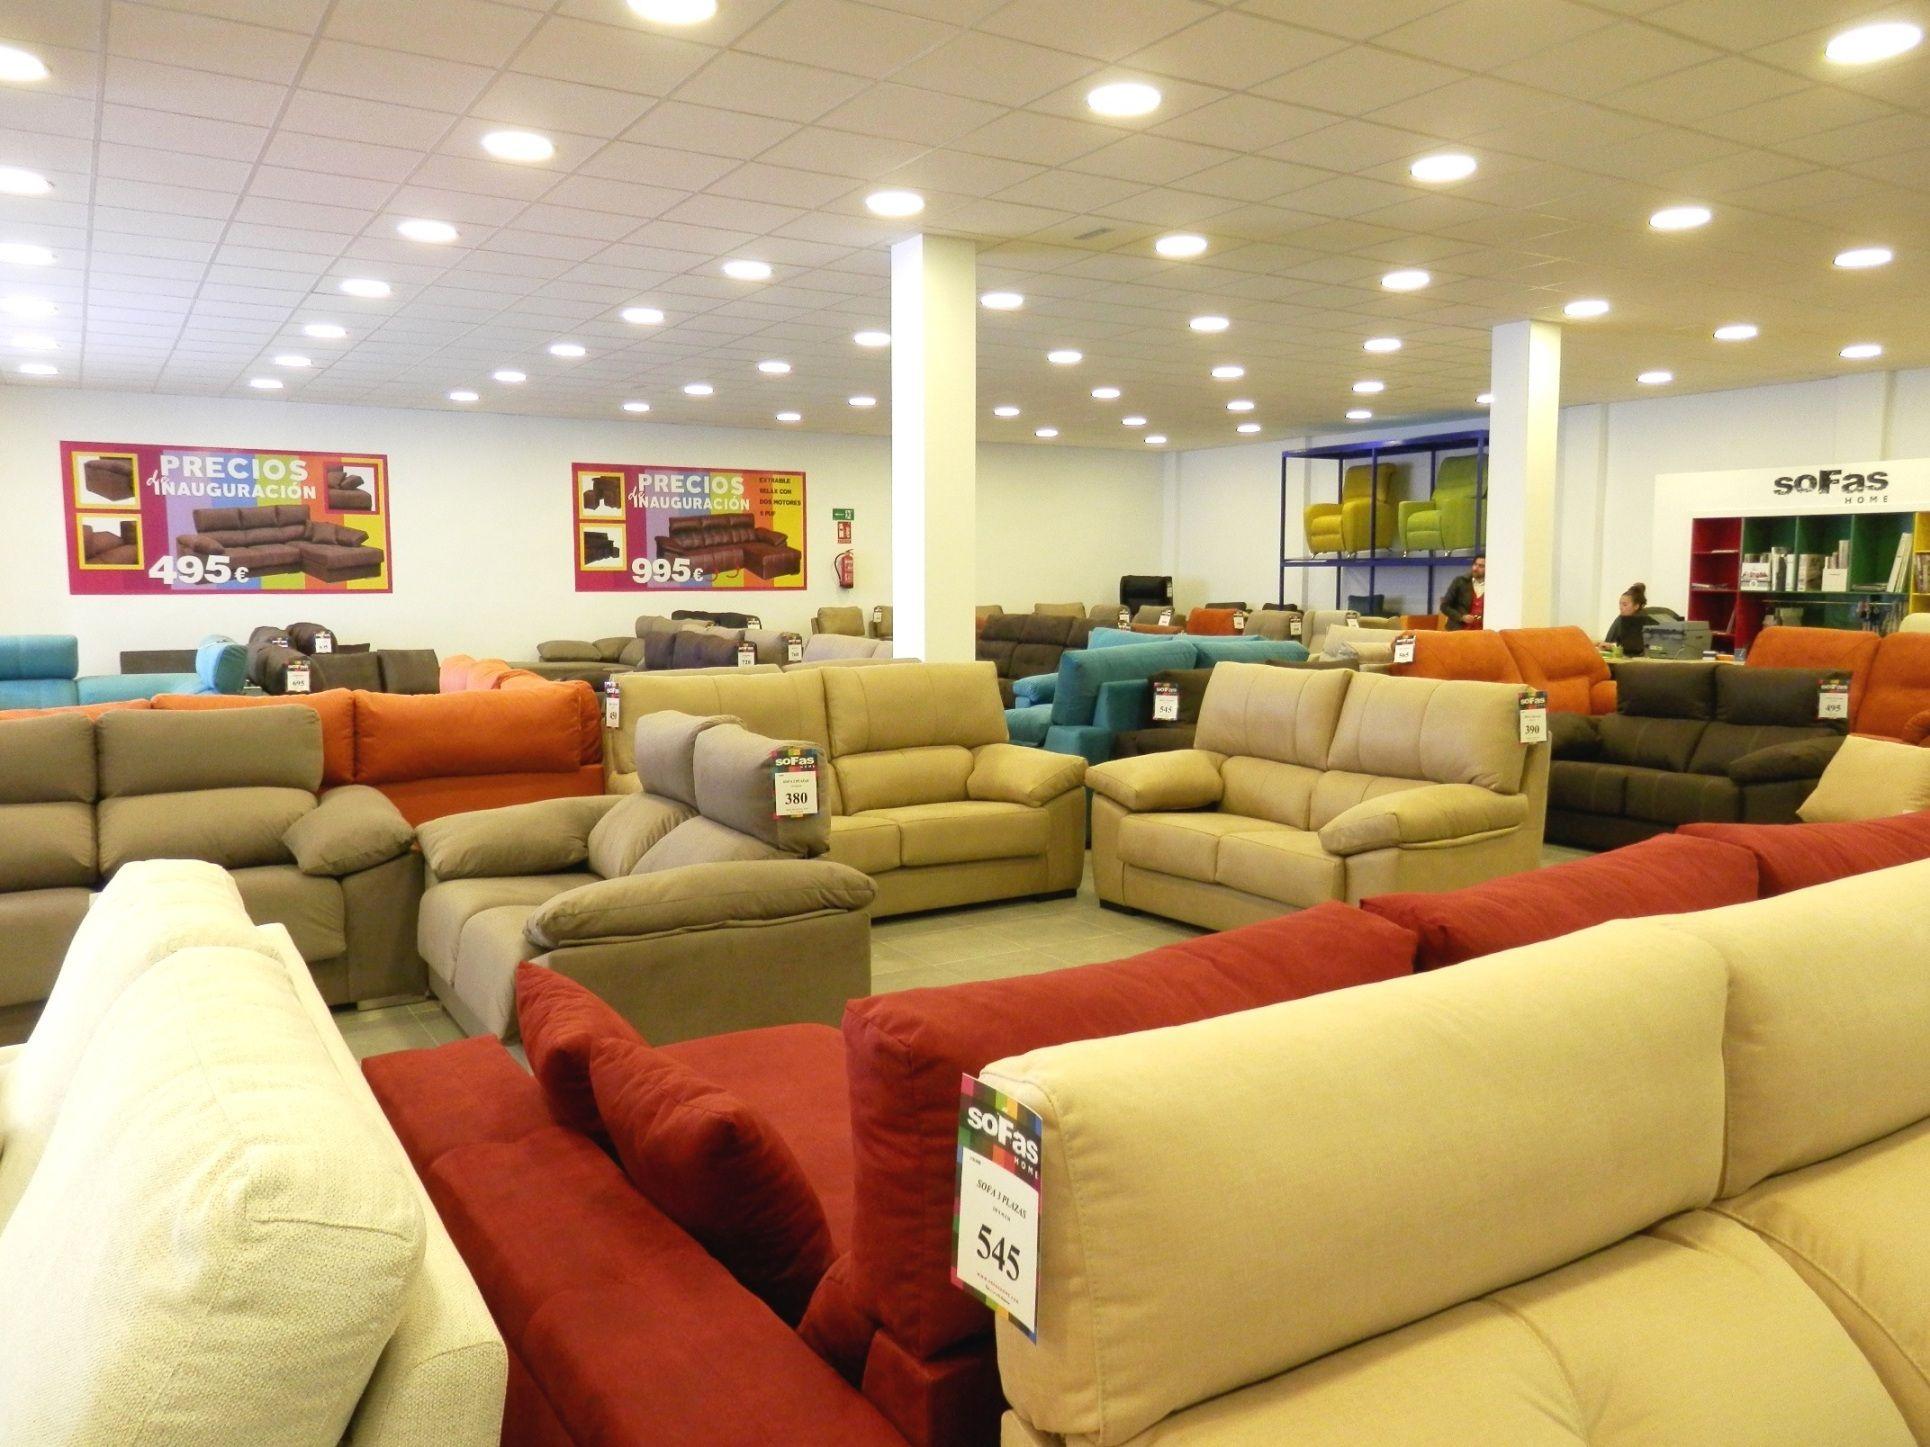 Tienda de muebles liken sevilla obtenga ideas dise o de for Fabricantes de muebles en sevilla